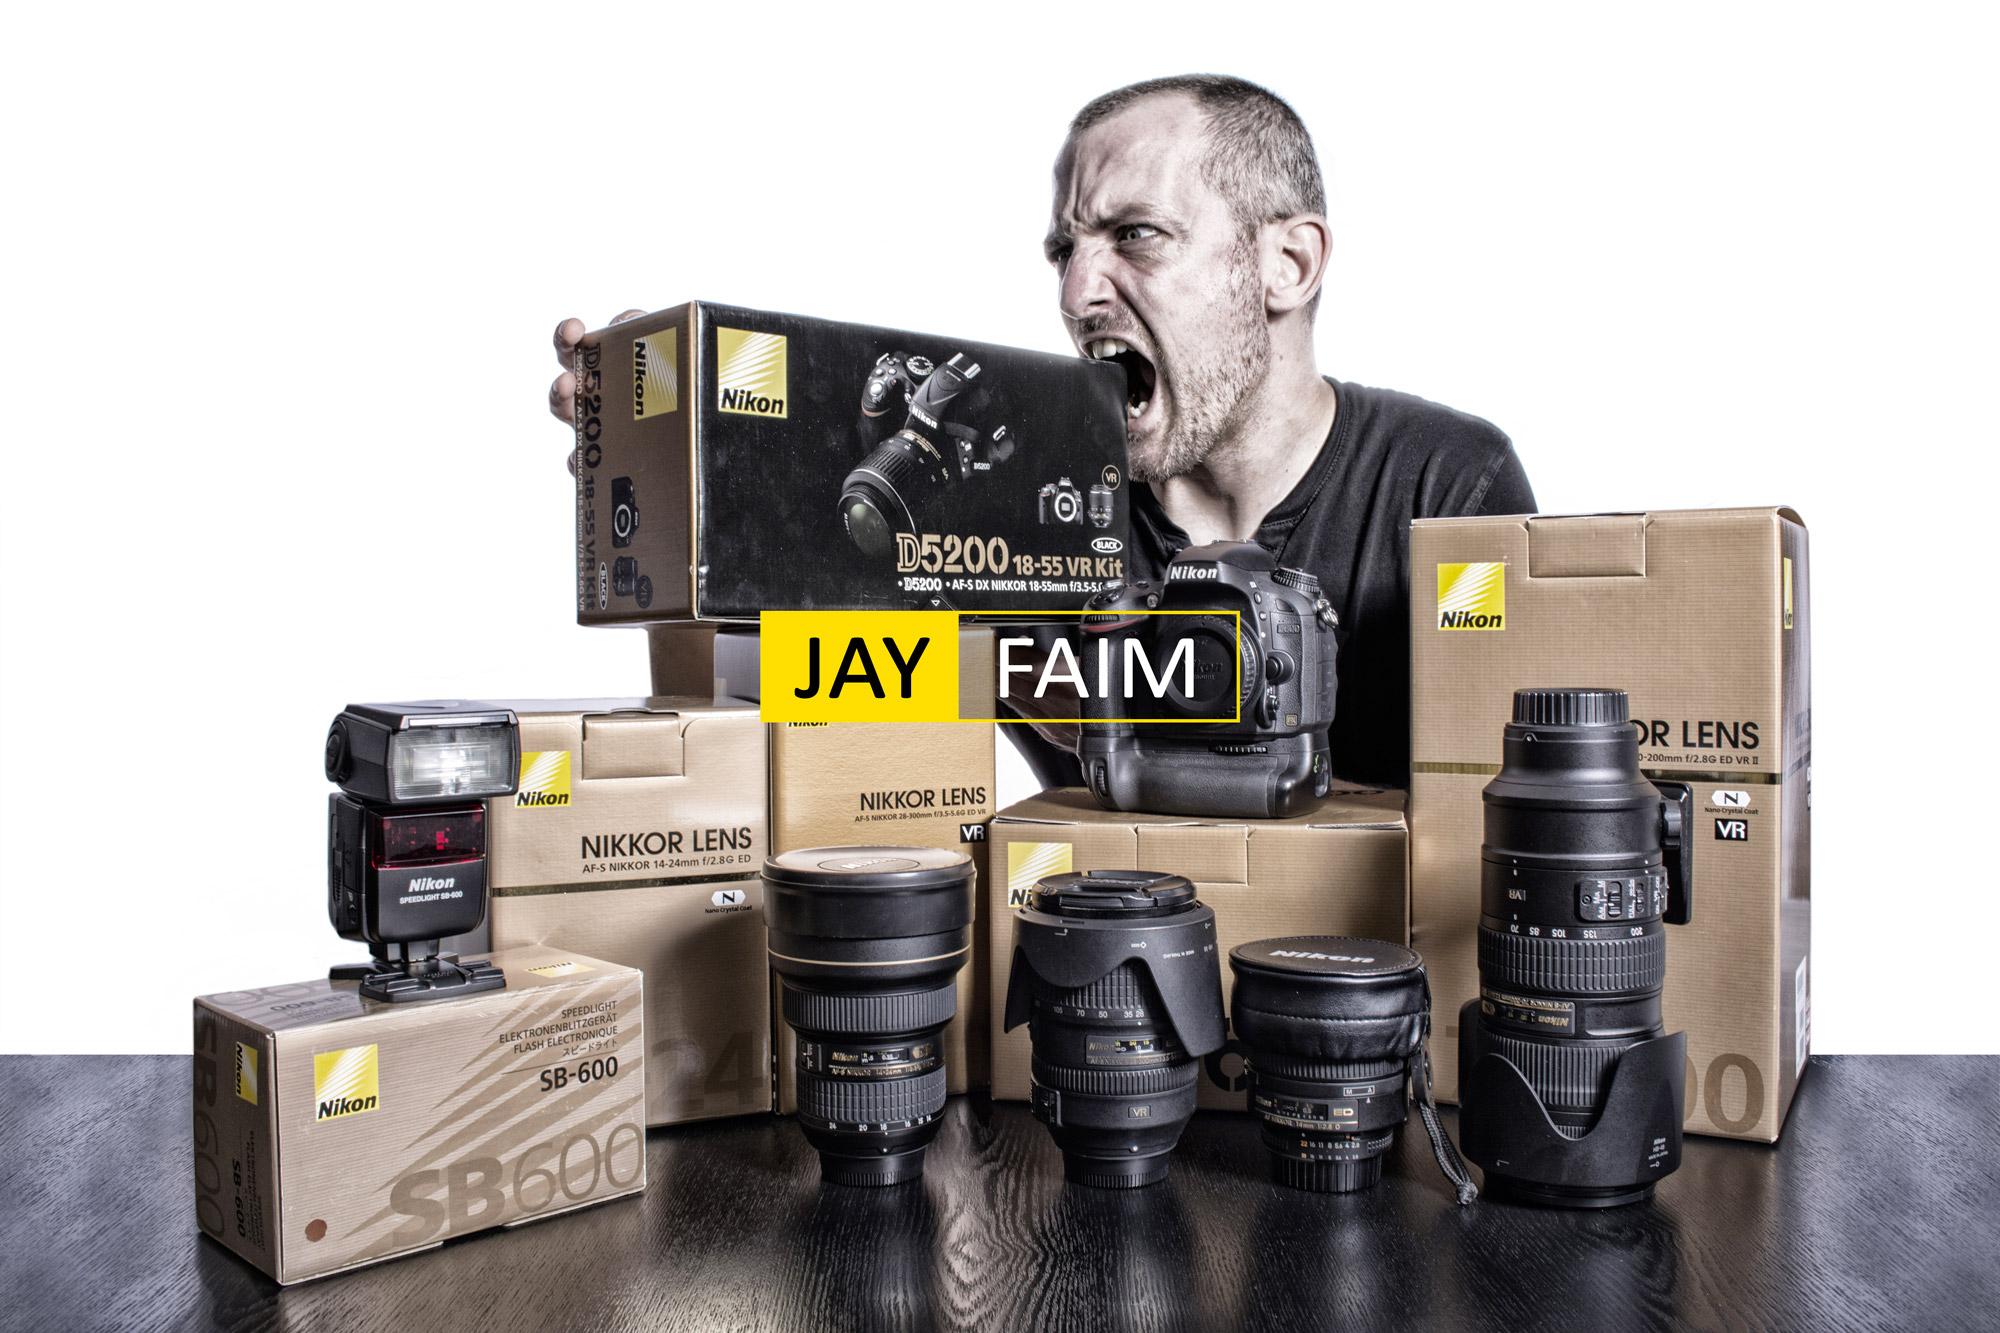 Jay Faim !